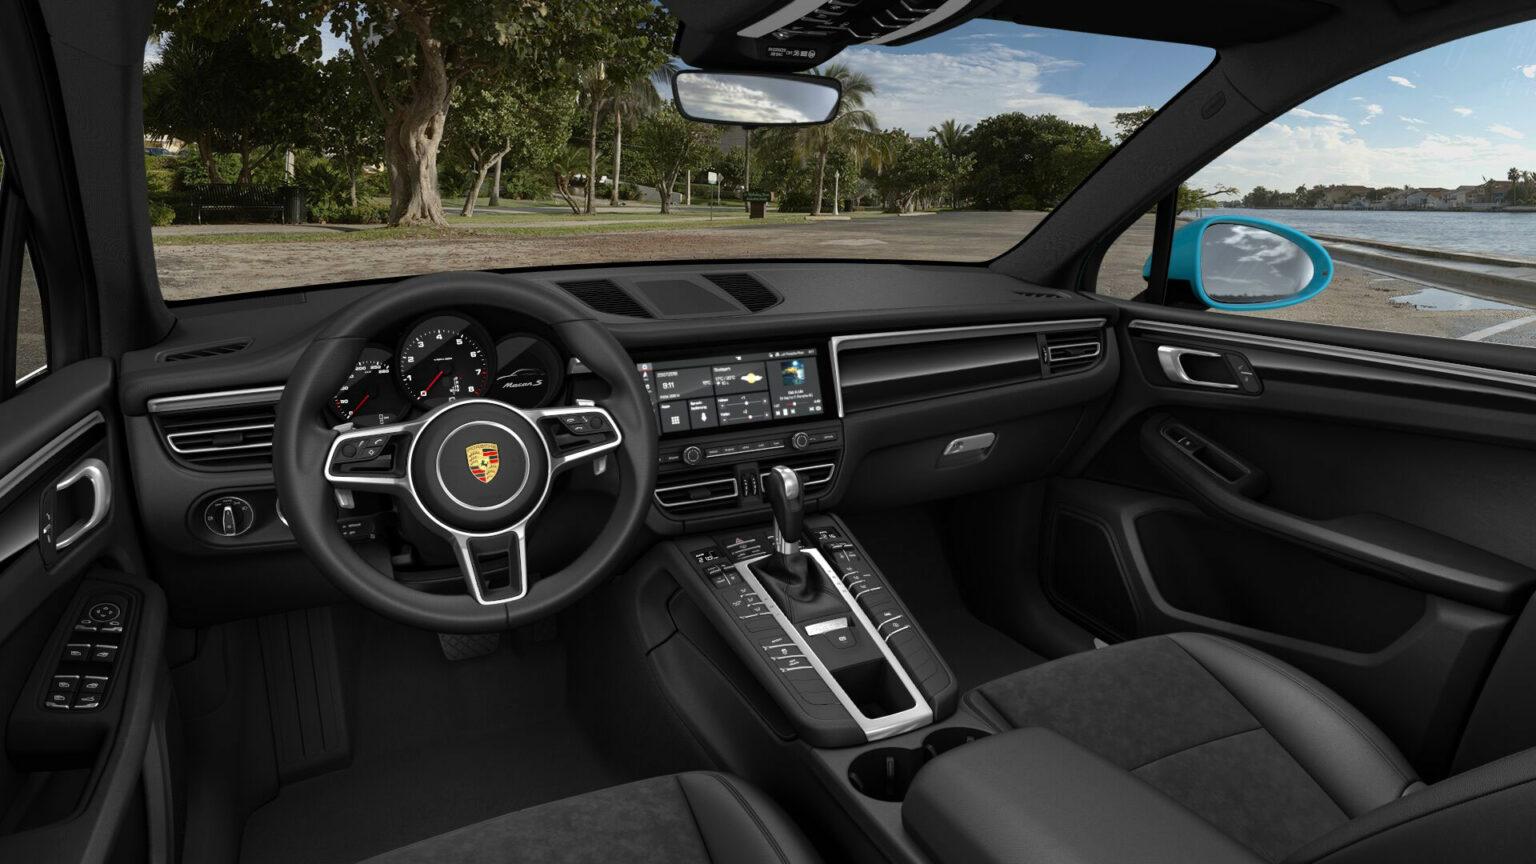 Porsche Macan S interior 01